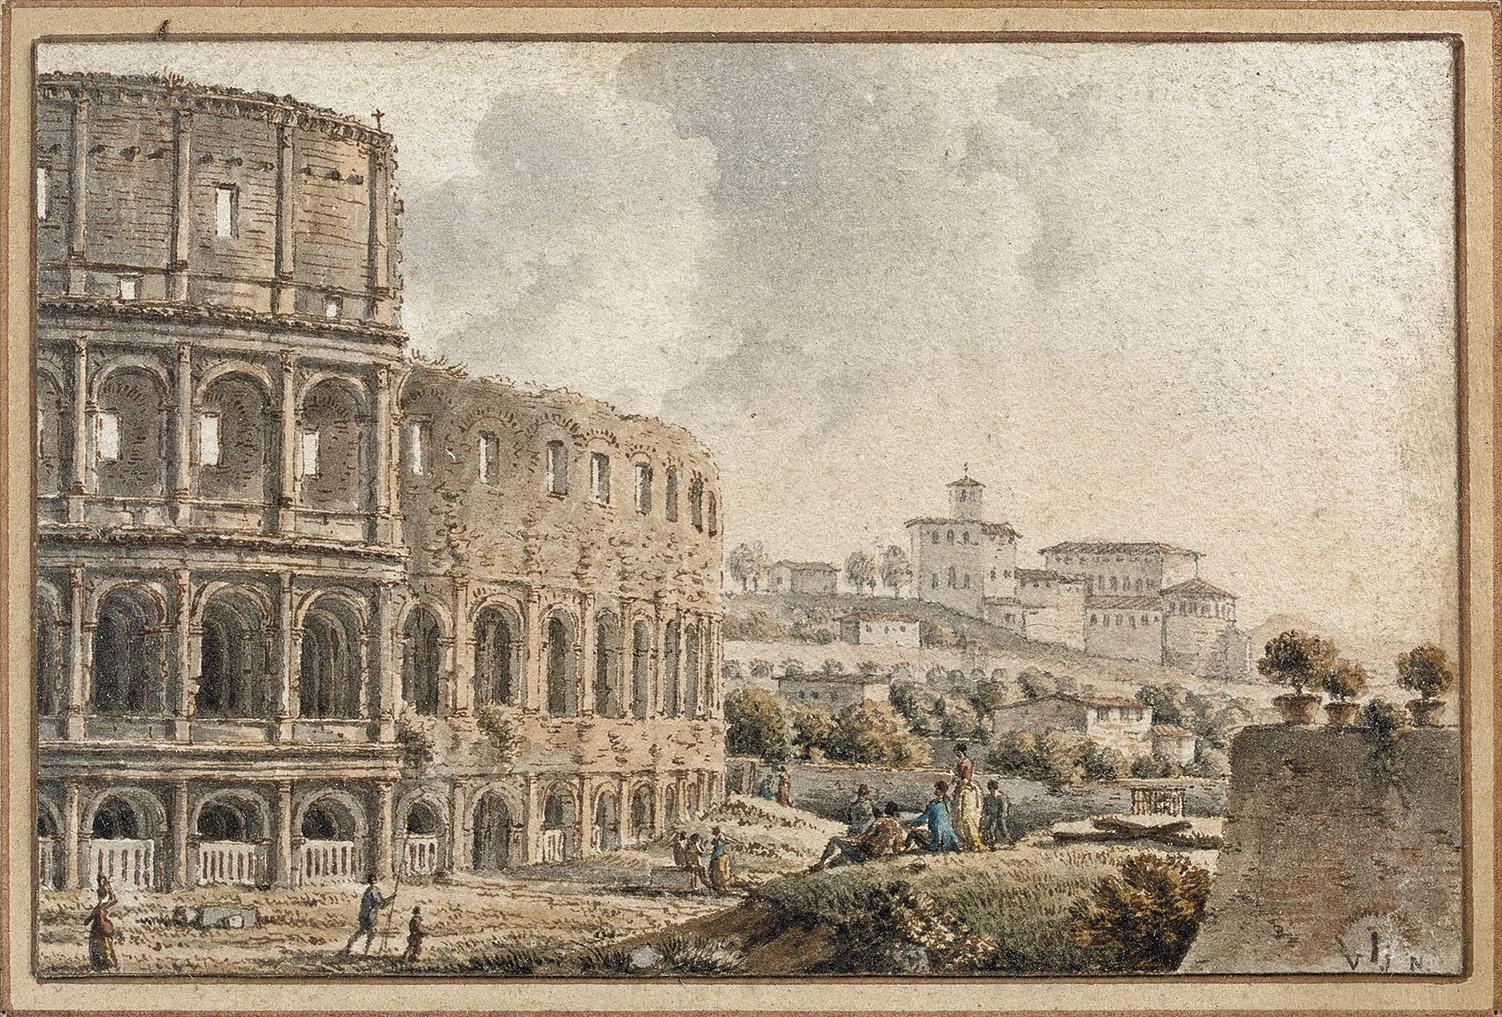 Victor Jean Nicolle(1754-1826), LeColisée à Rome, plume et aquarelle, 6x8cm.Paris, Drouot, 9décembre 2015. Beaussant LefèvreOVV. M.Auguier. Ad